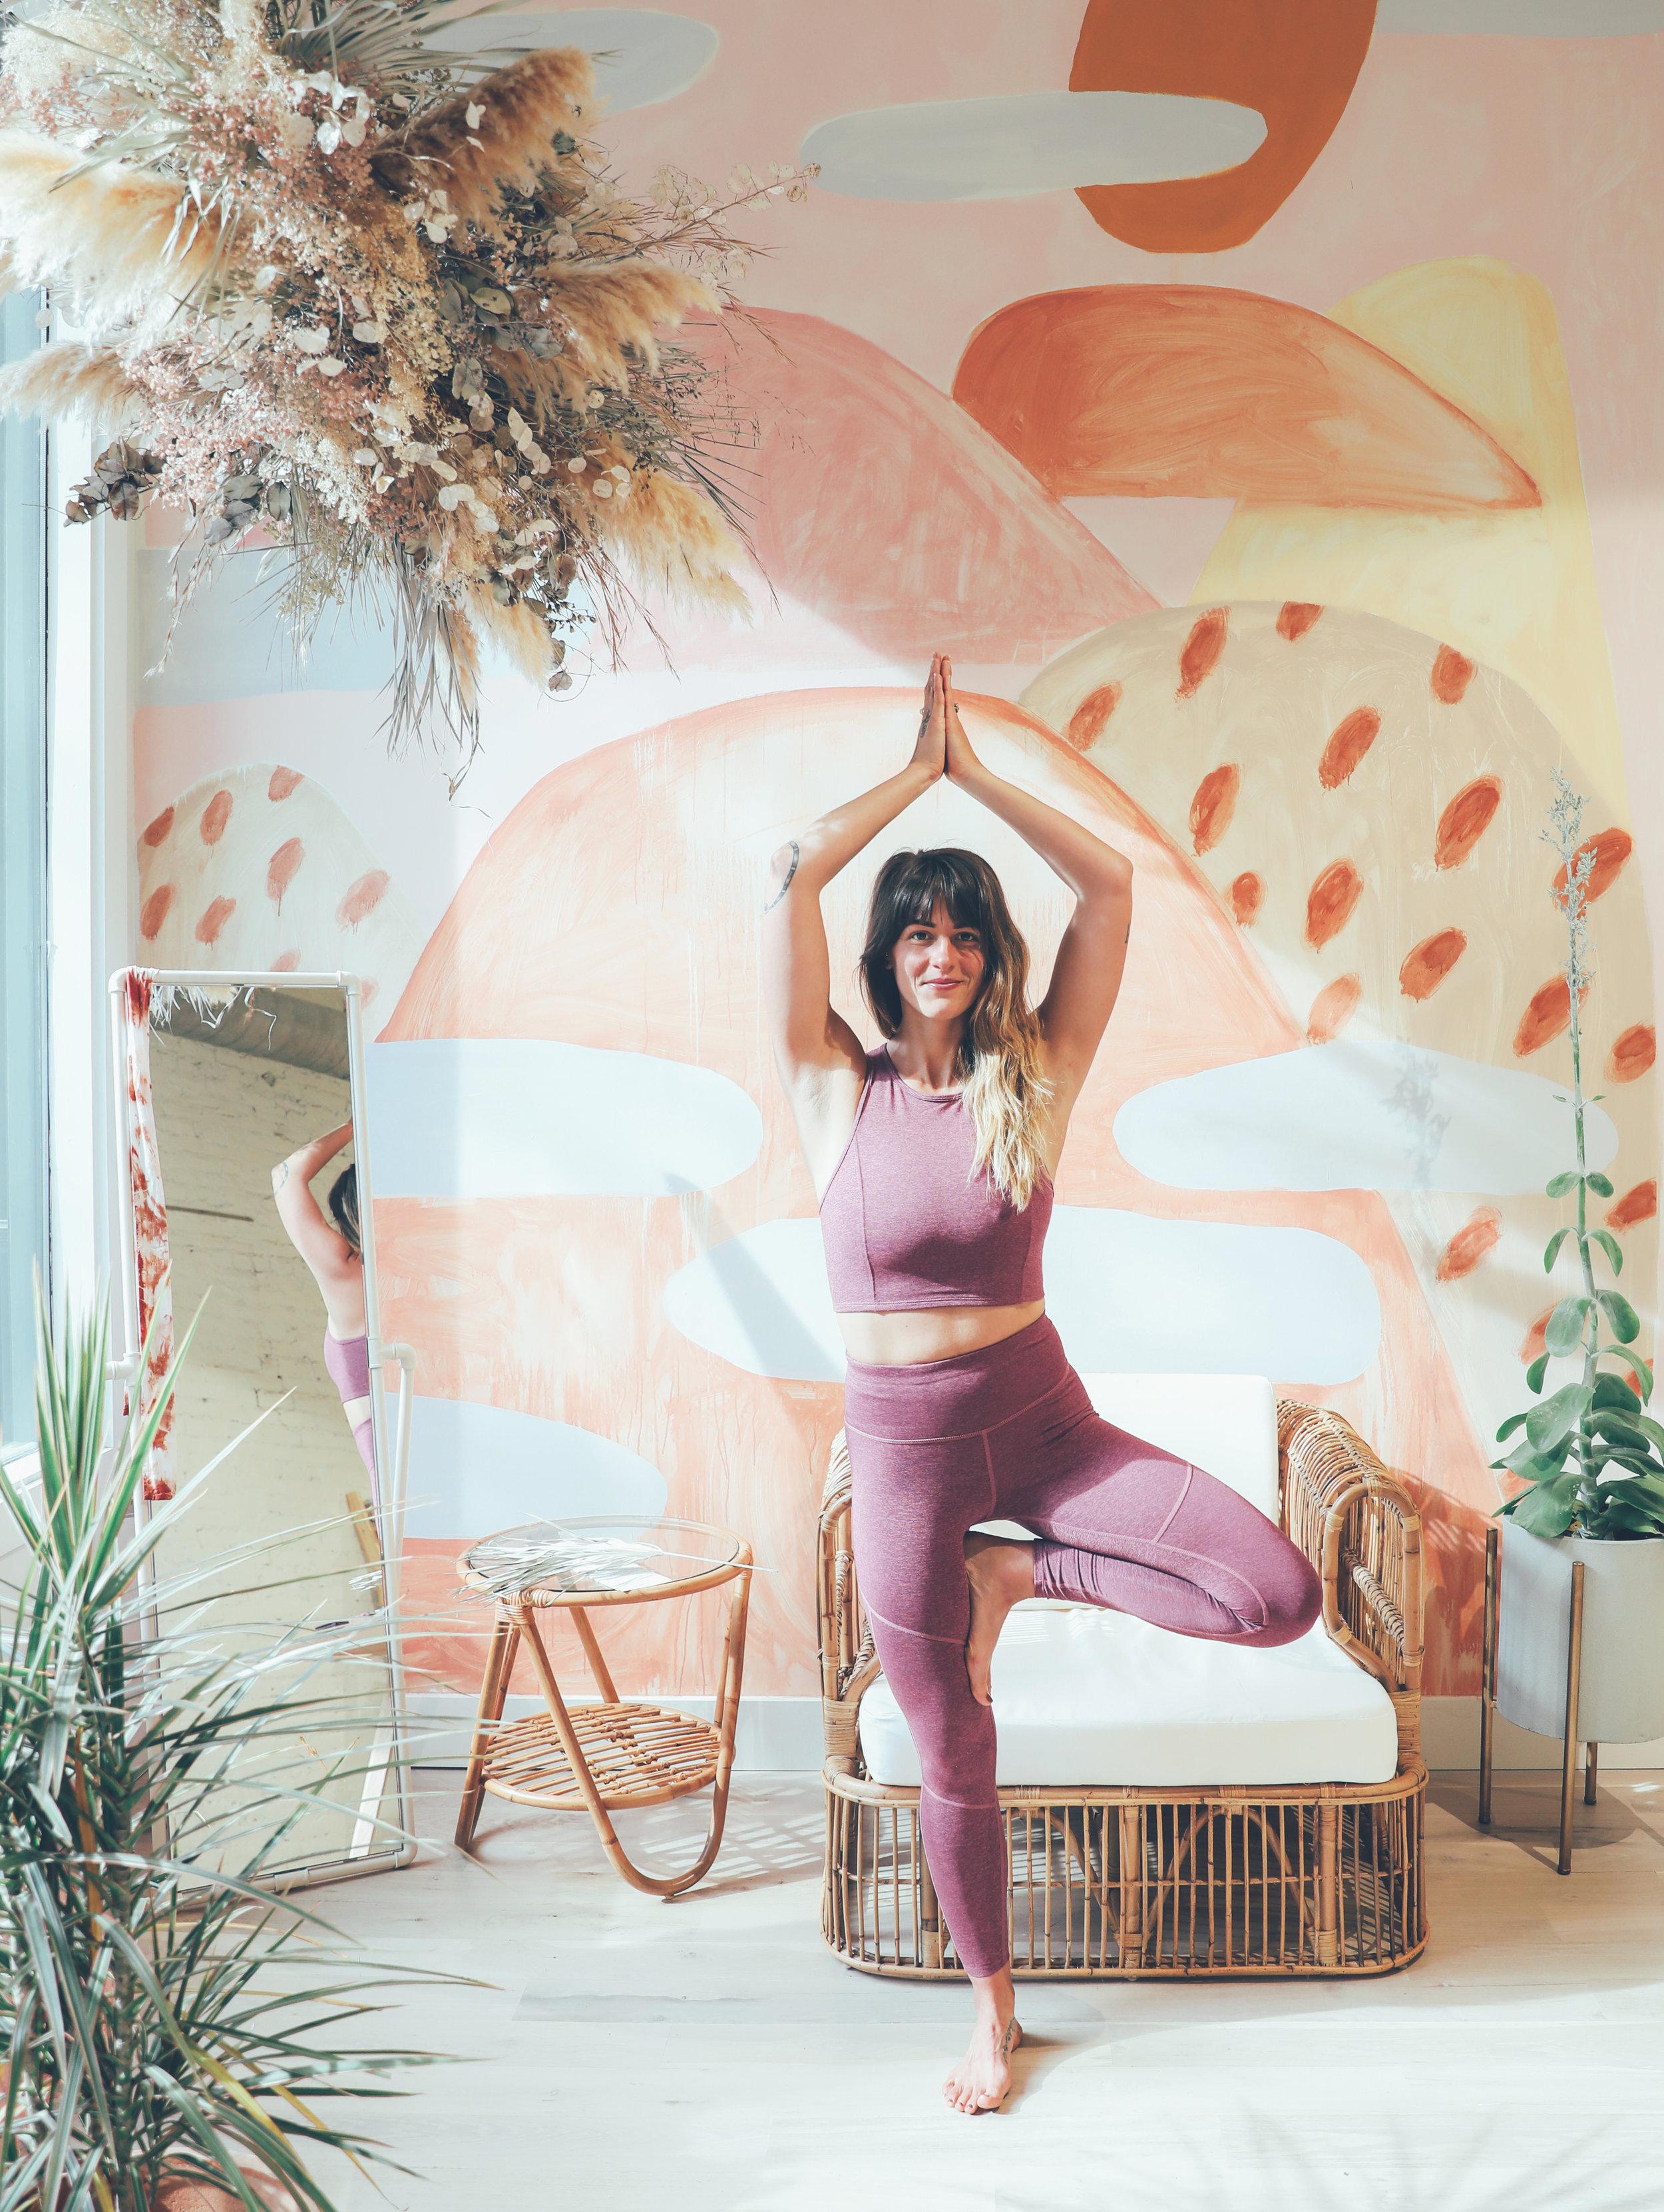 Margie_yoga_POMKT_005.jpg